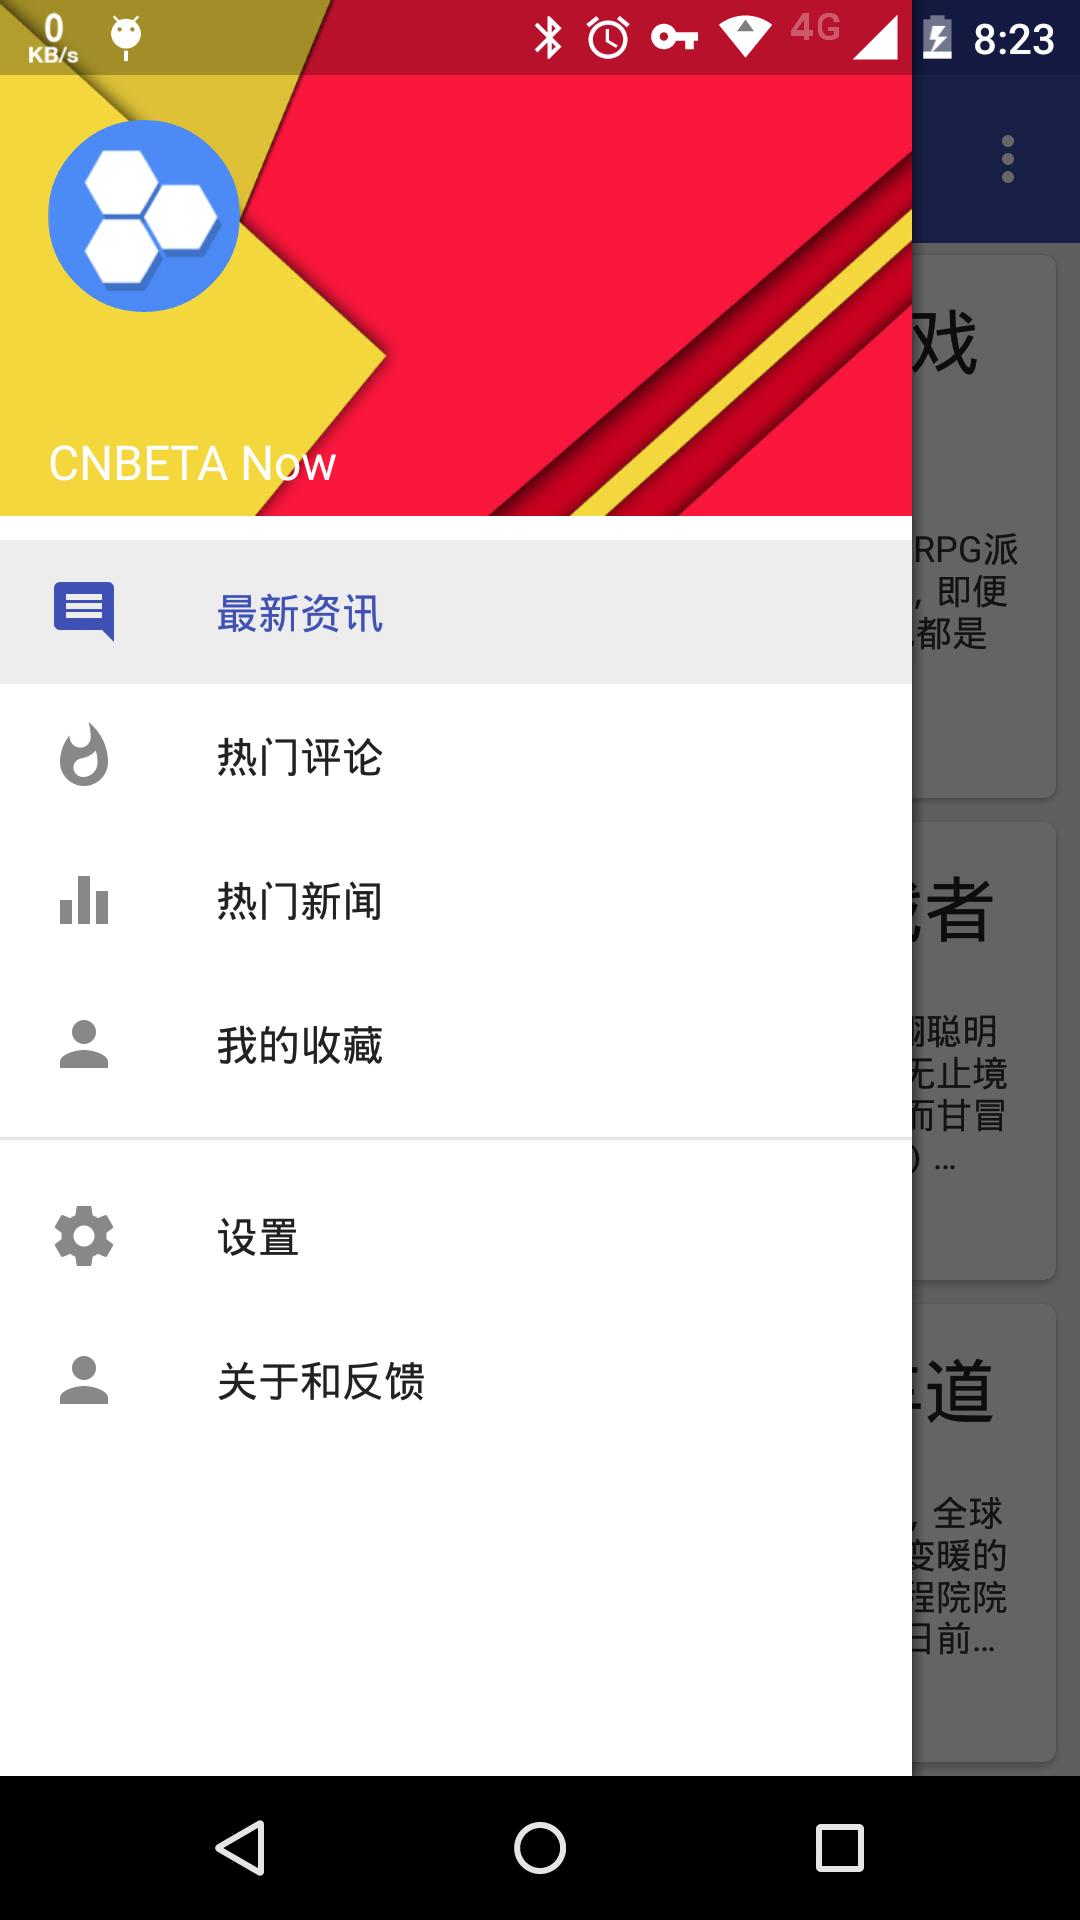 CNBETA Now